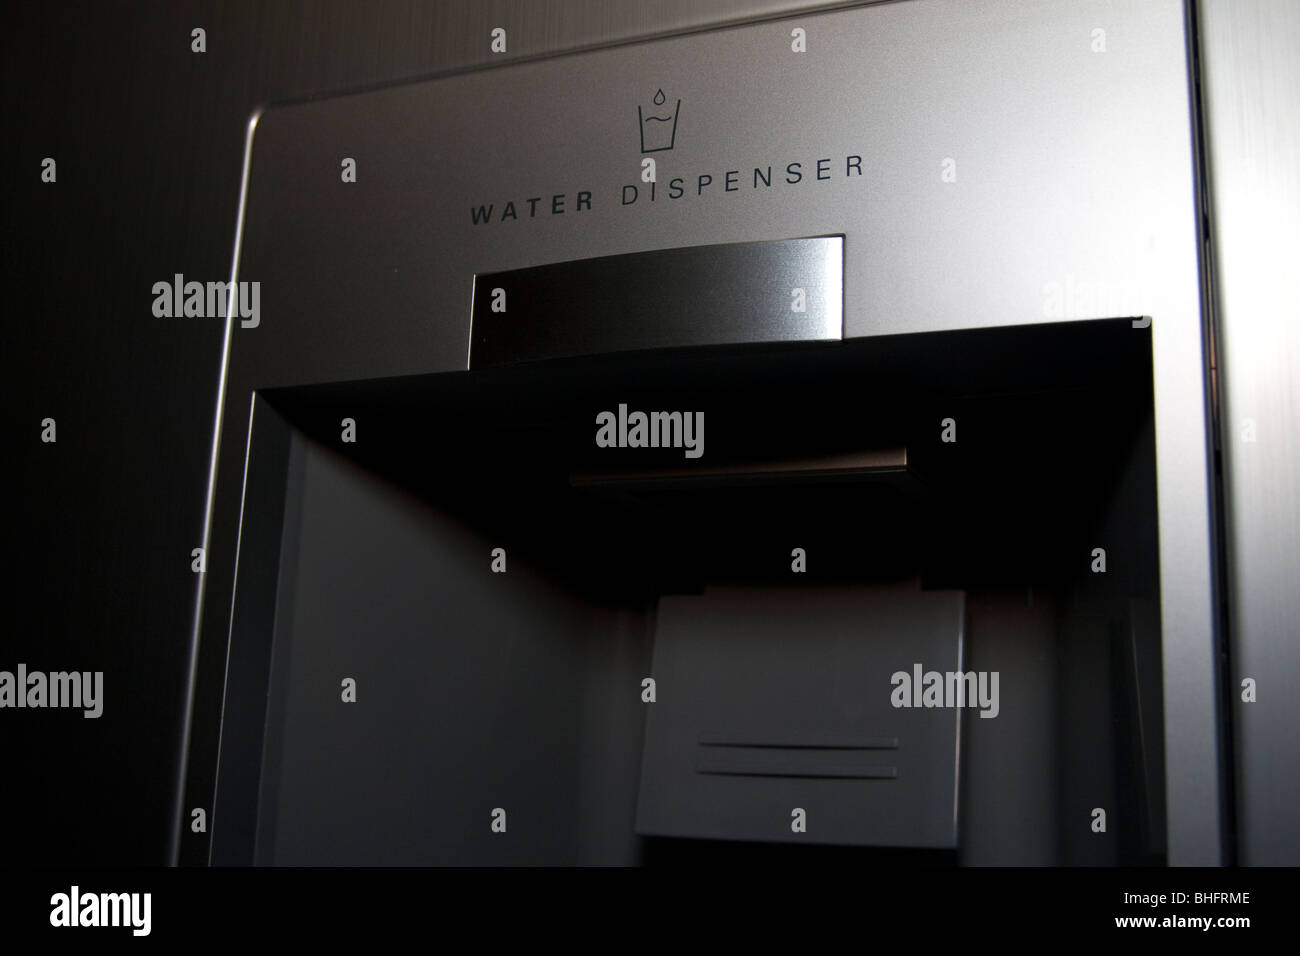 Kühlschrank Wasserspender : Ein wasserspender in einem kühlschrank stockfoto bild